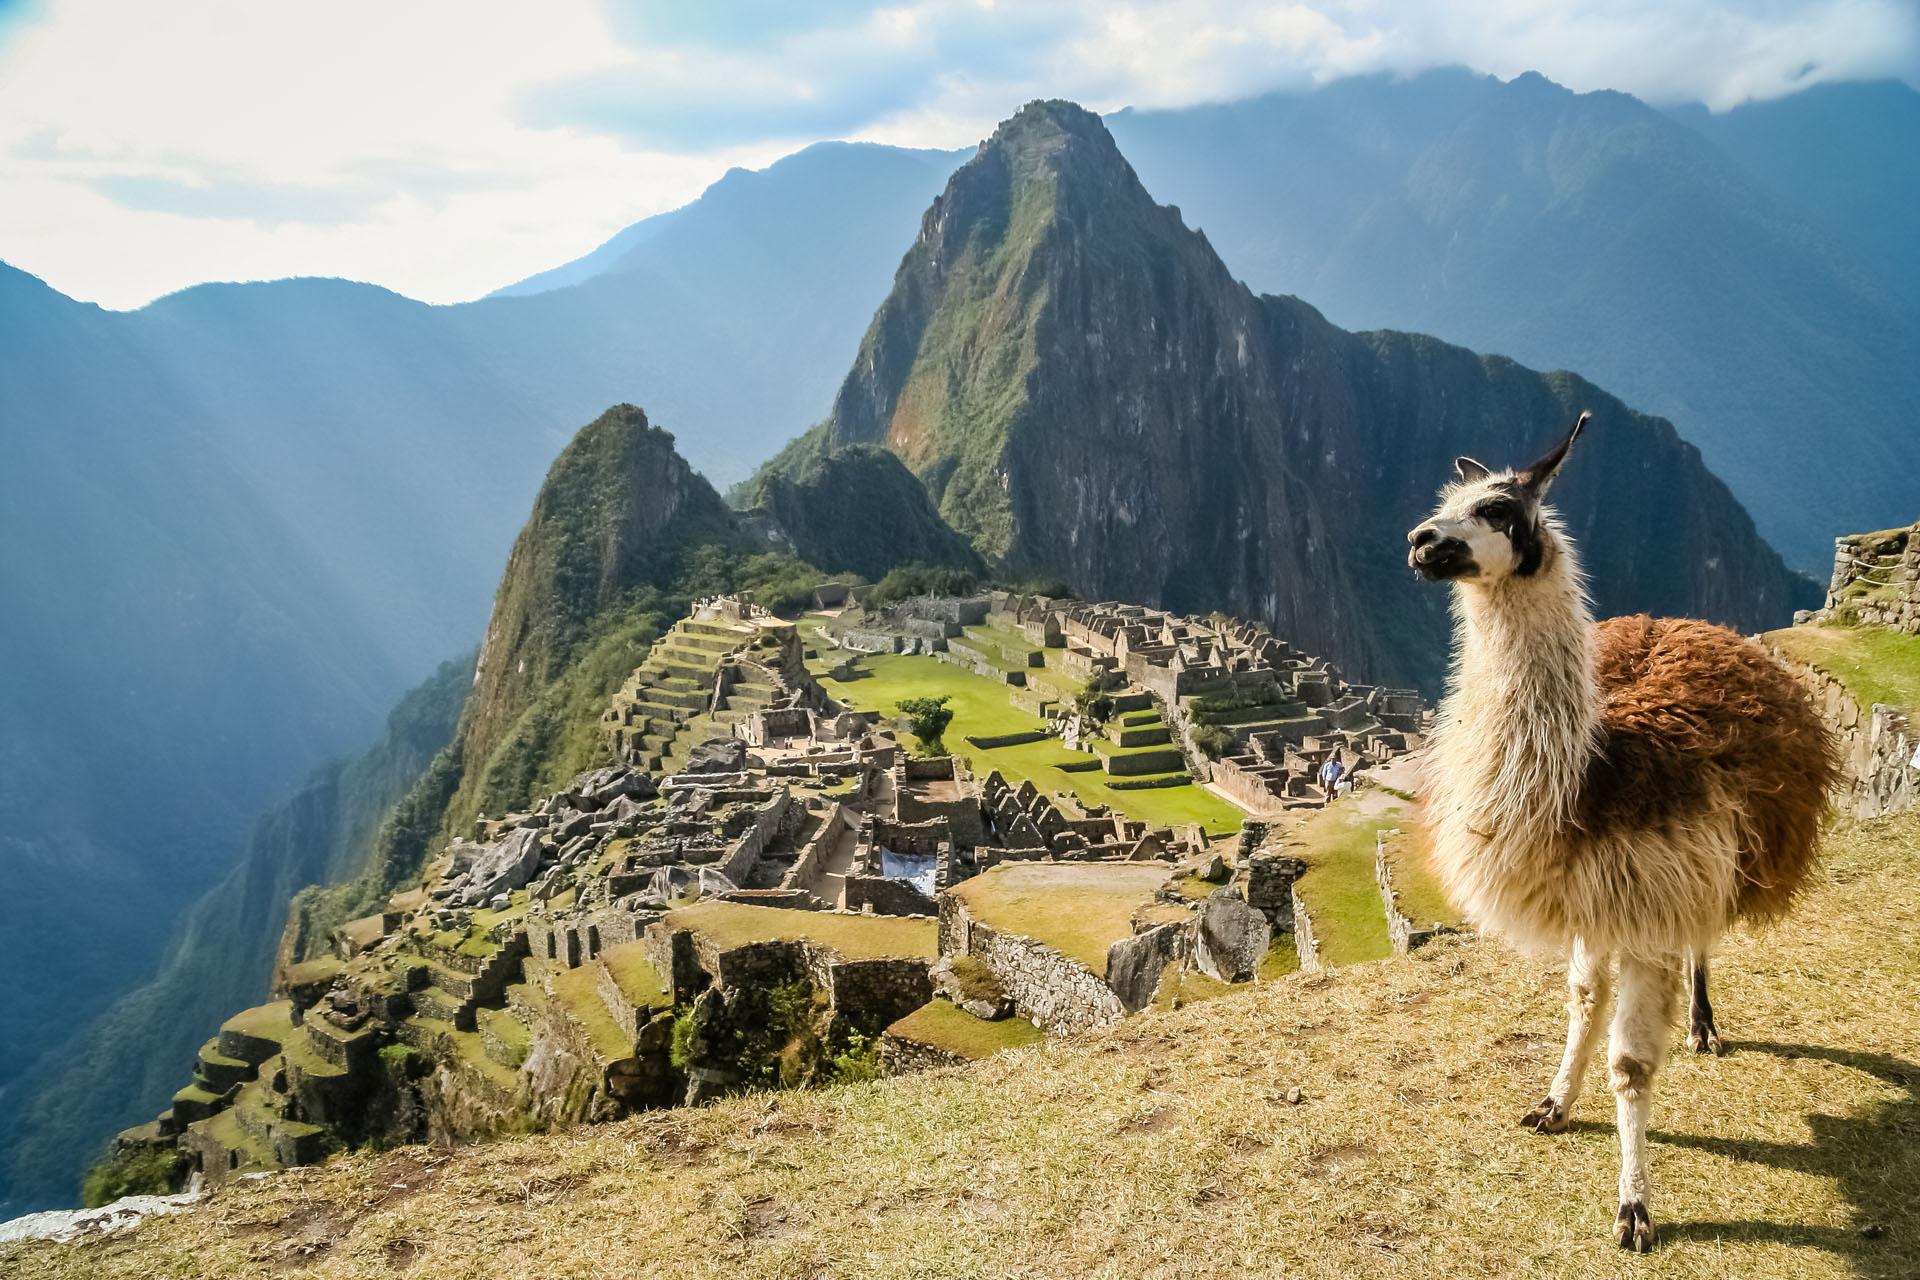 La ciudadela Machu Picchu, una ciudad inca del siglo XV y famosa a nivel mundial desde el viaje exploratorio del estadounidense Hiram Bingham en 1911, fue reconocida en 1983 como patrimonio cultural de la humanidad por la UNESCO (iStock)